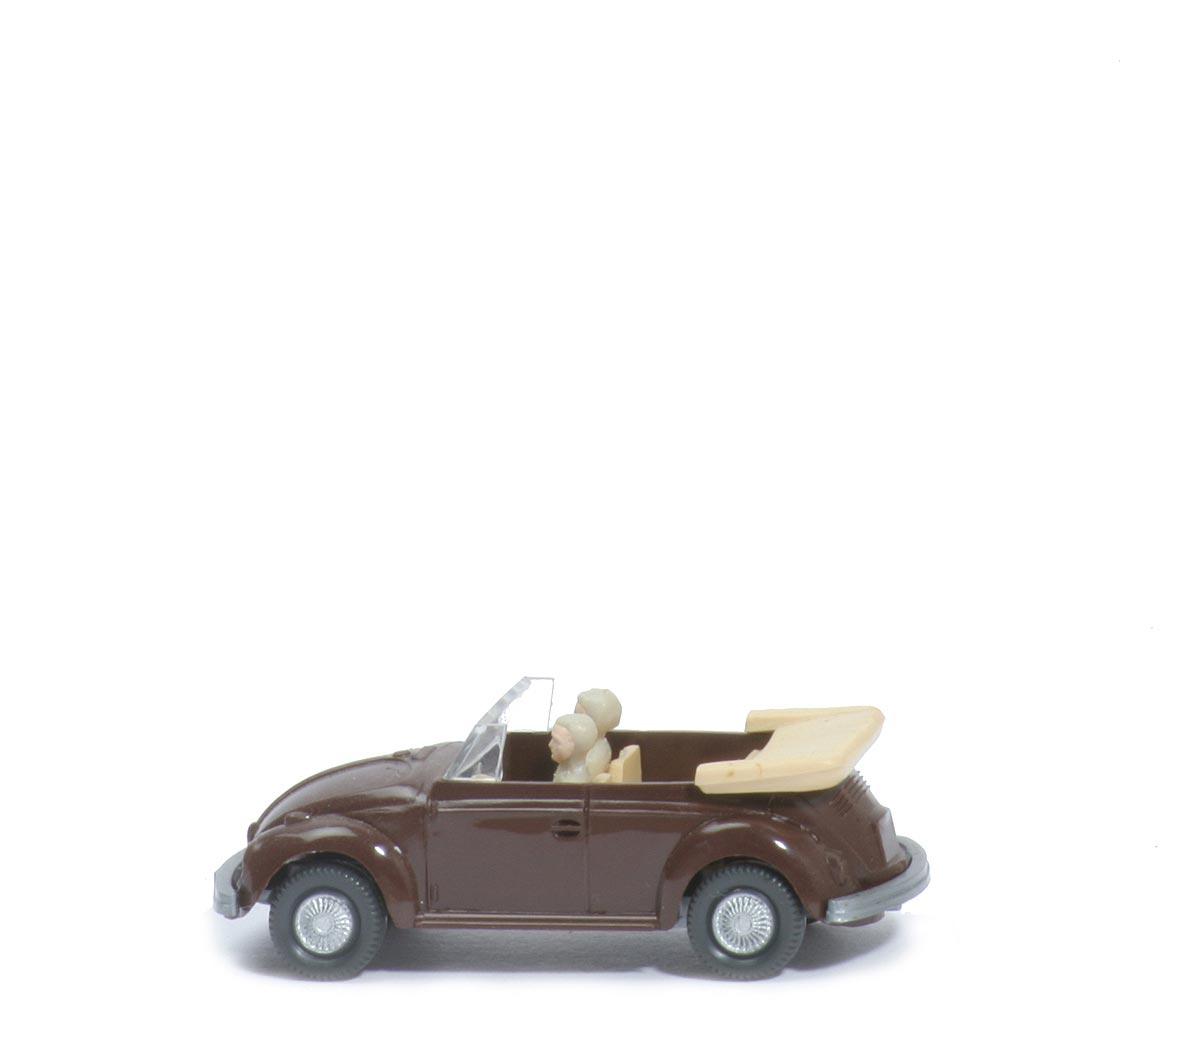 kneule 39 s wiking standards vw k fer cabriolet 1302 schokobraun lenkrad integriert. Black Bedroom Furniture Sets. Home Design Ideas